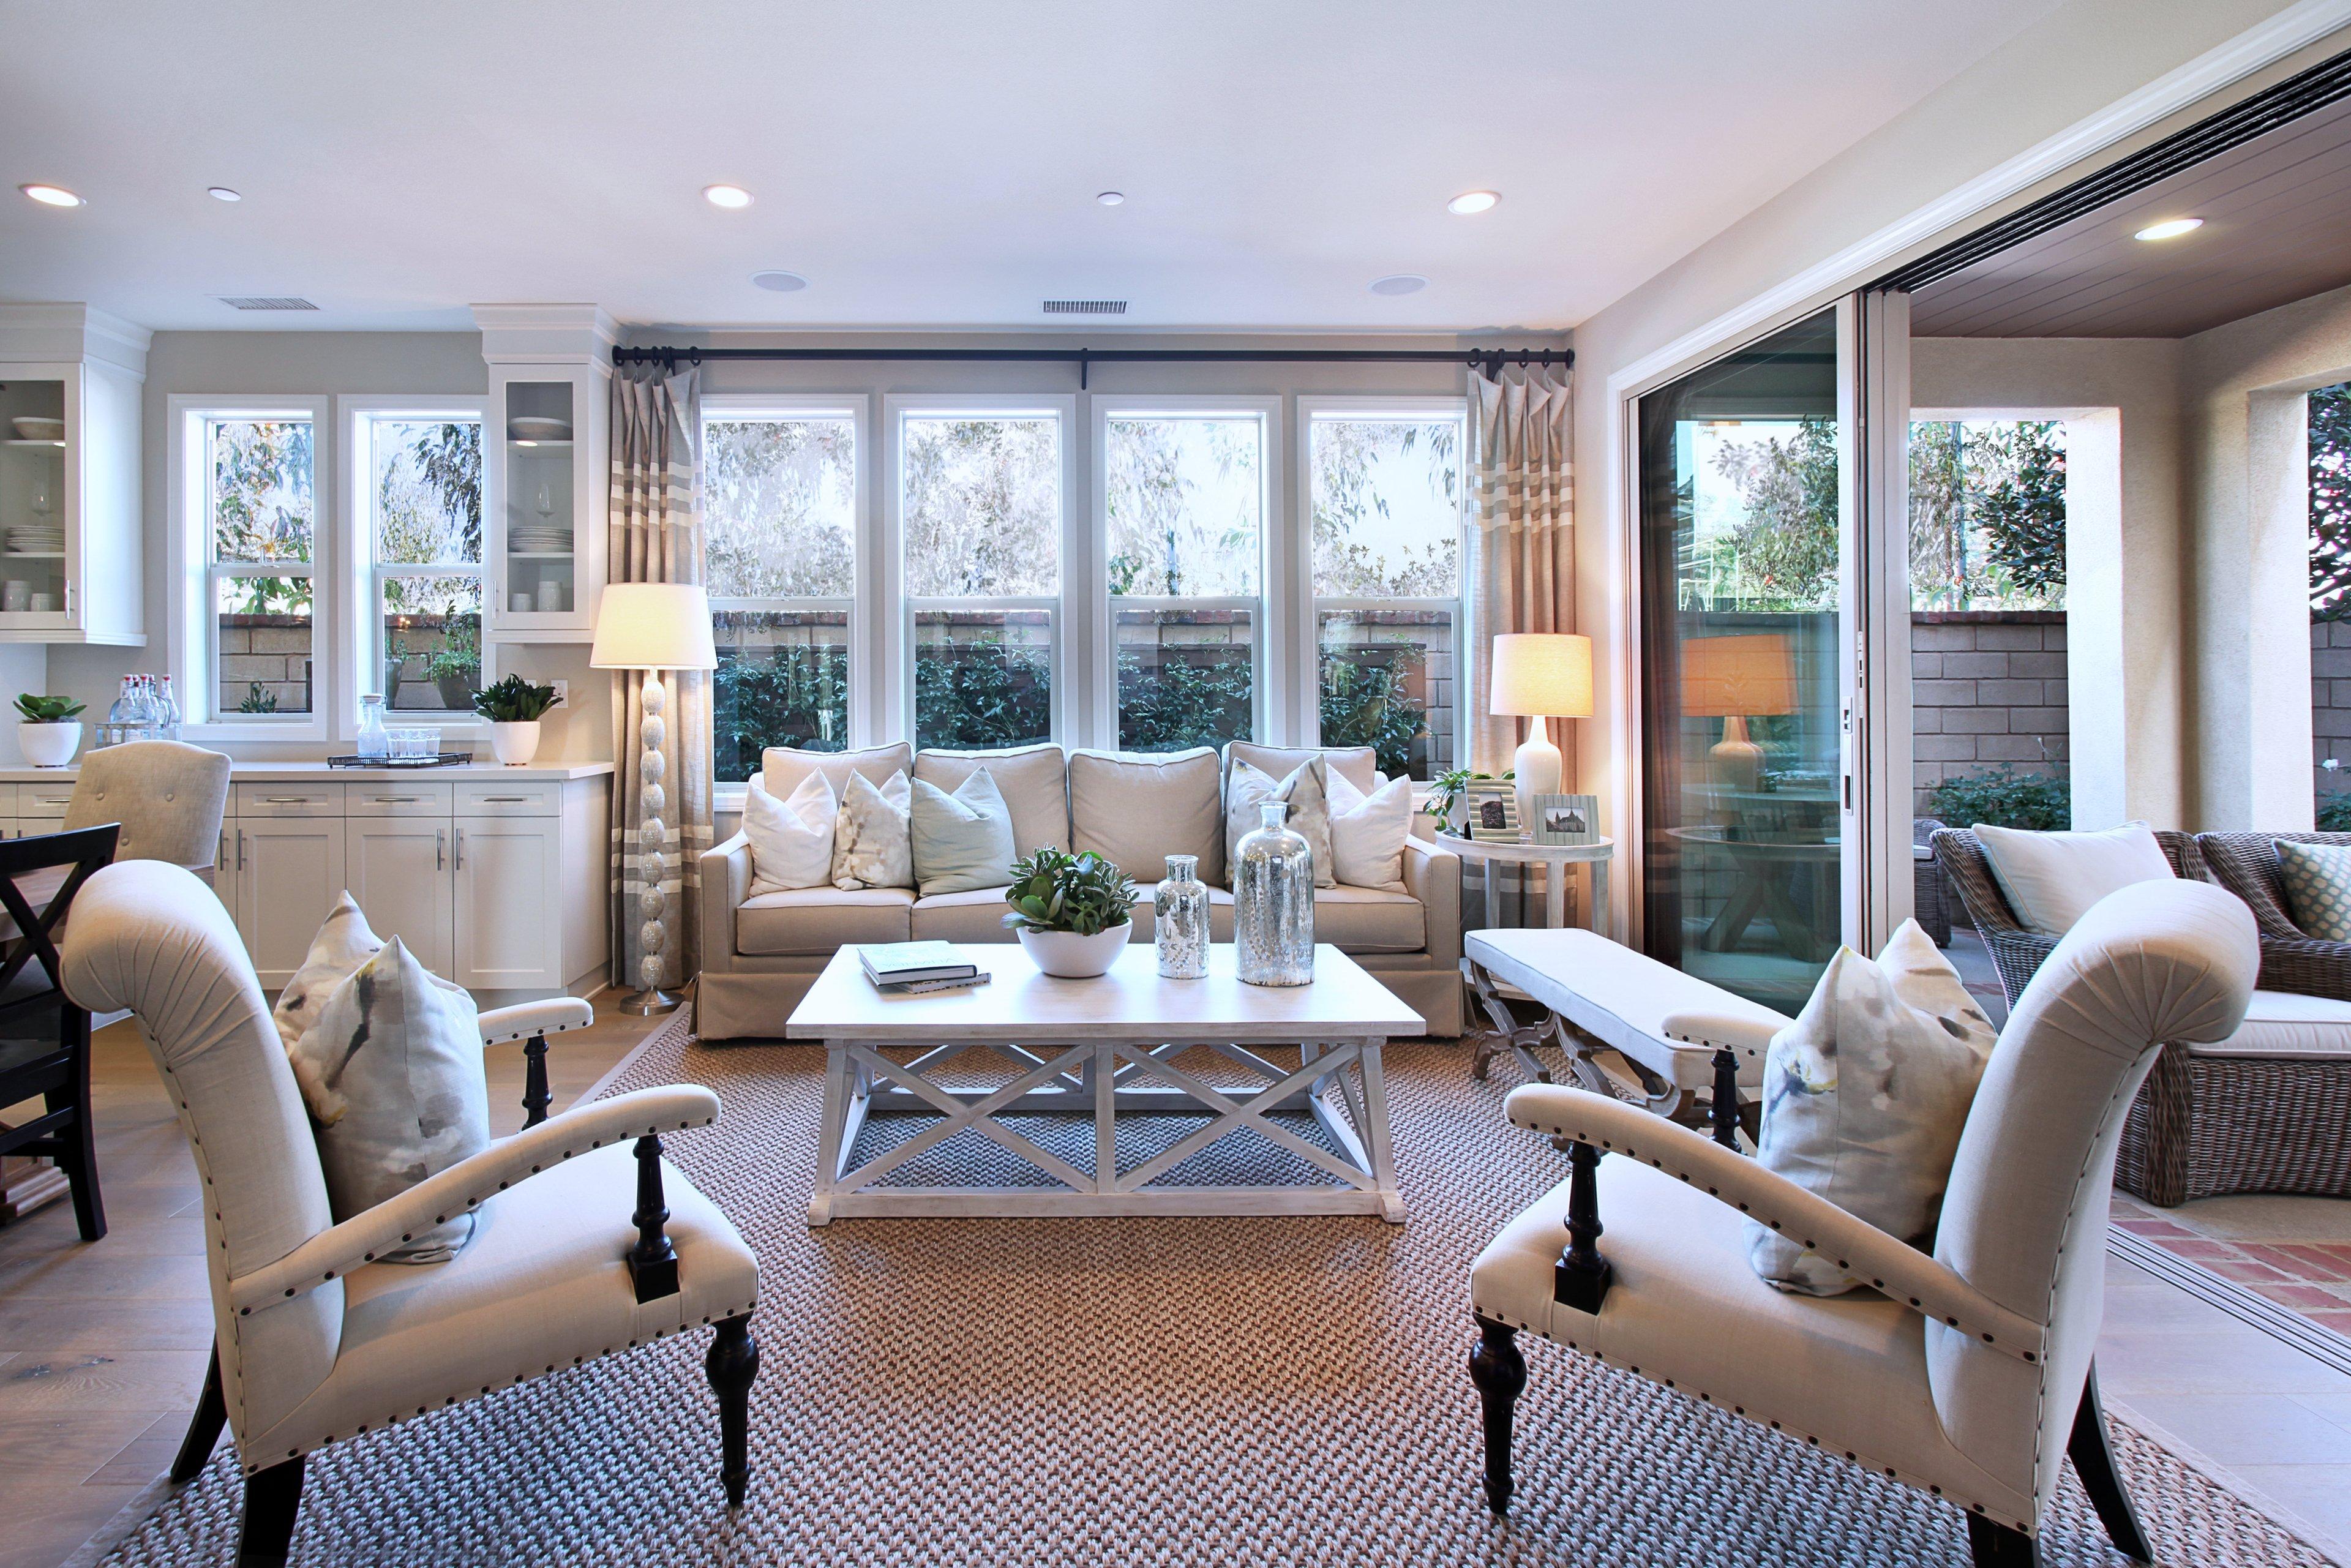 condo room interior decor image living design beautiful beach decorating a house home for ideas photos